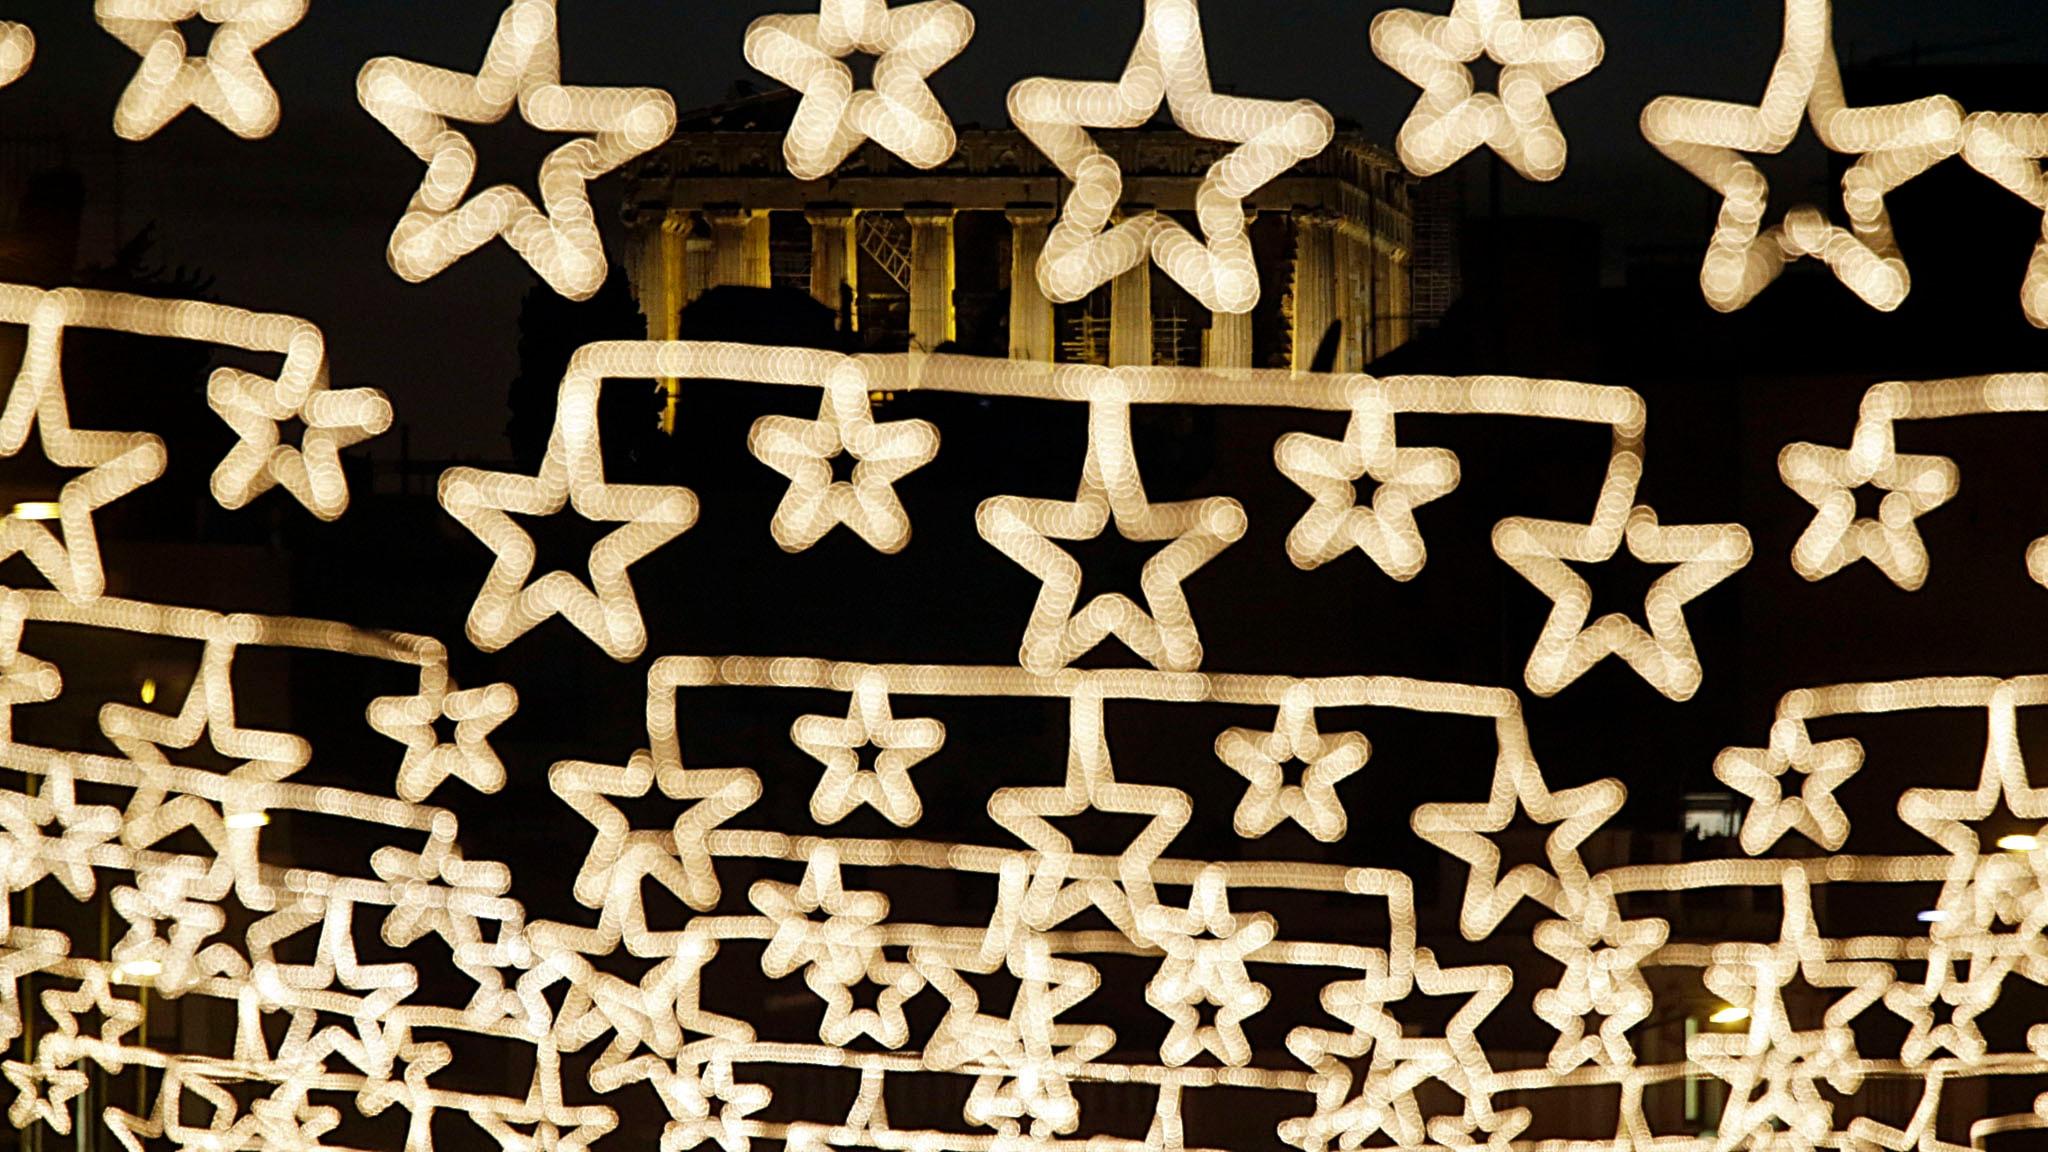 Julbelysning i form av stjärnor.